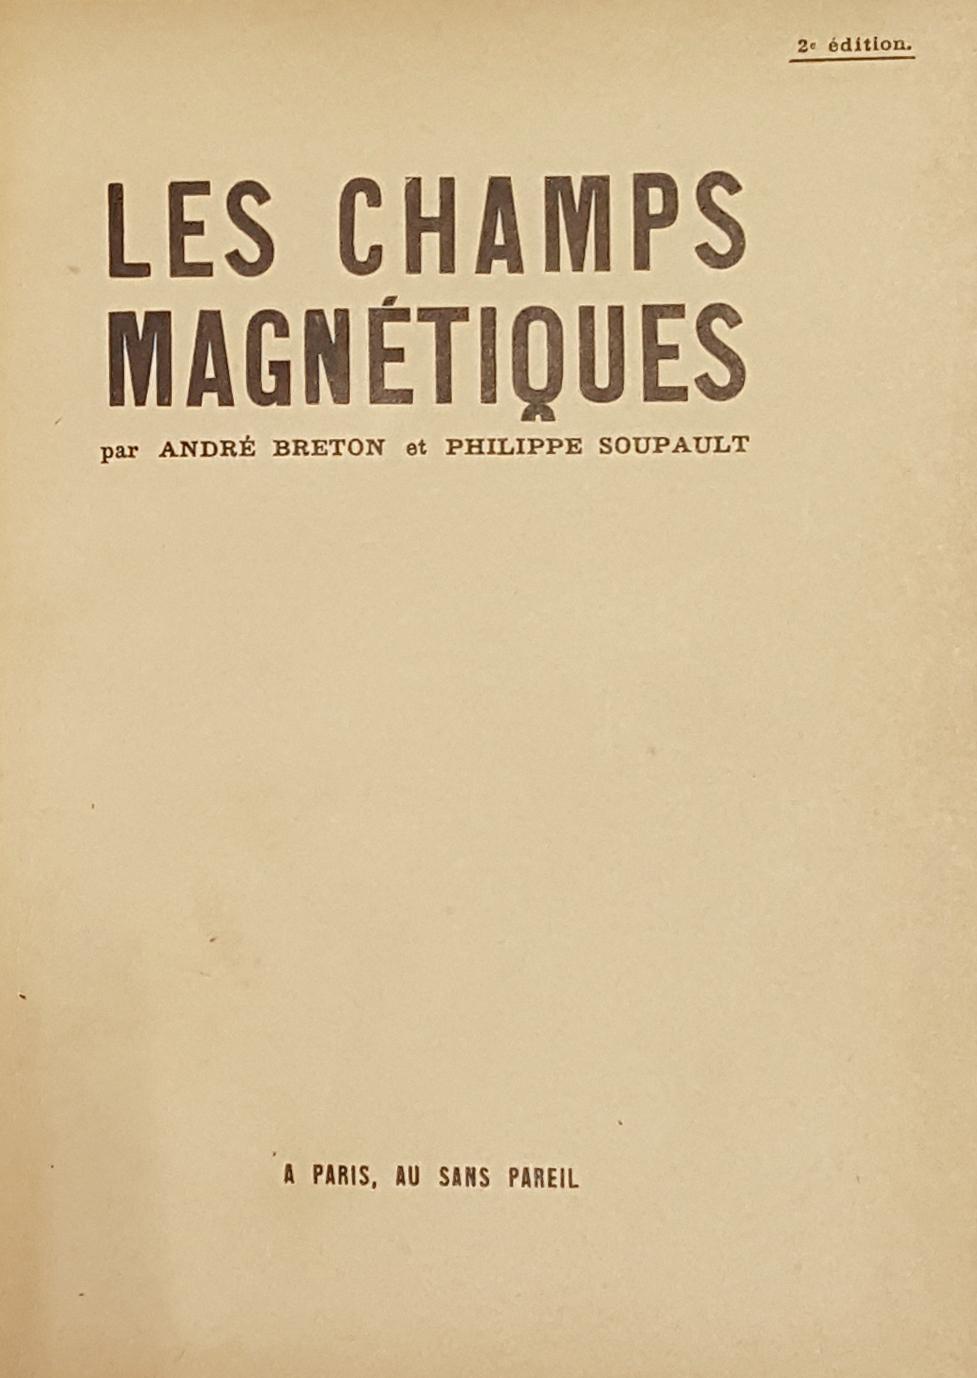 Les champs magnétiques, by André Breton et Philippe Soupault